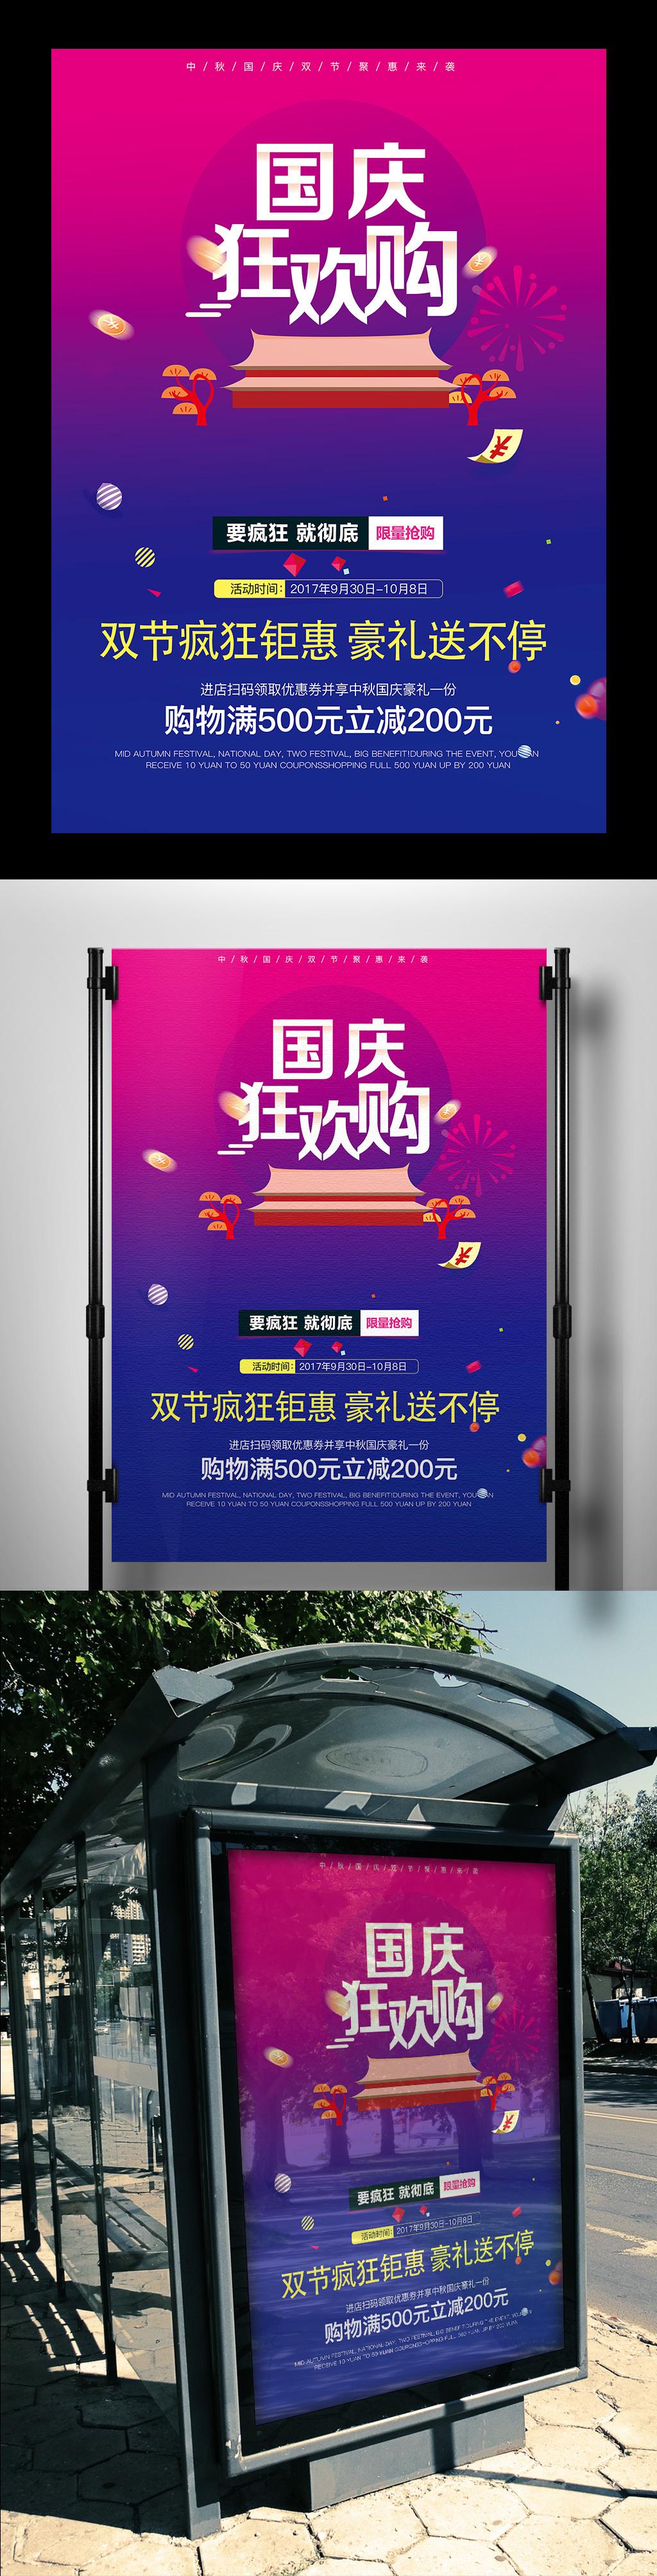 2017年蓝紫色时尚个性手绘pop国庆优惠宣传海报模板设计